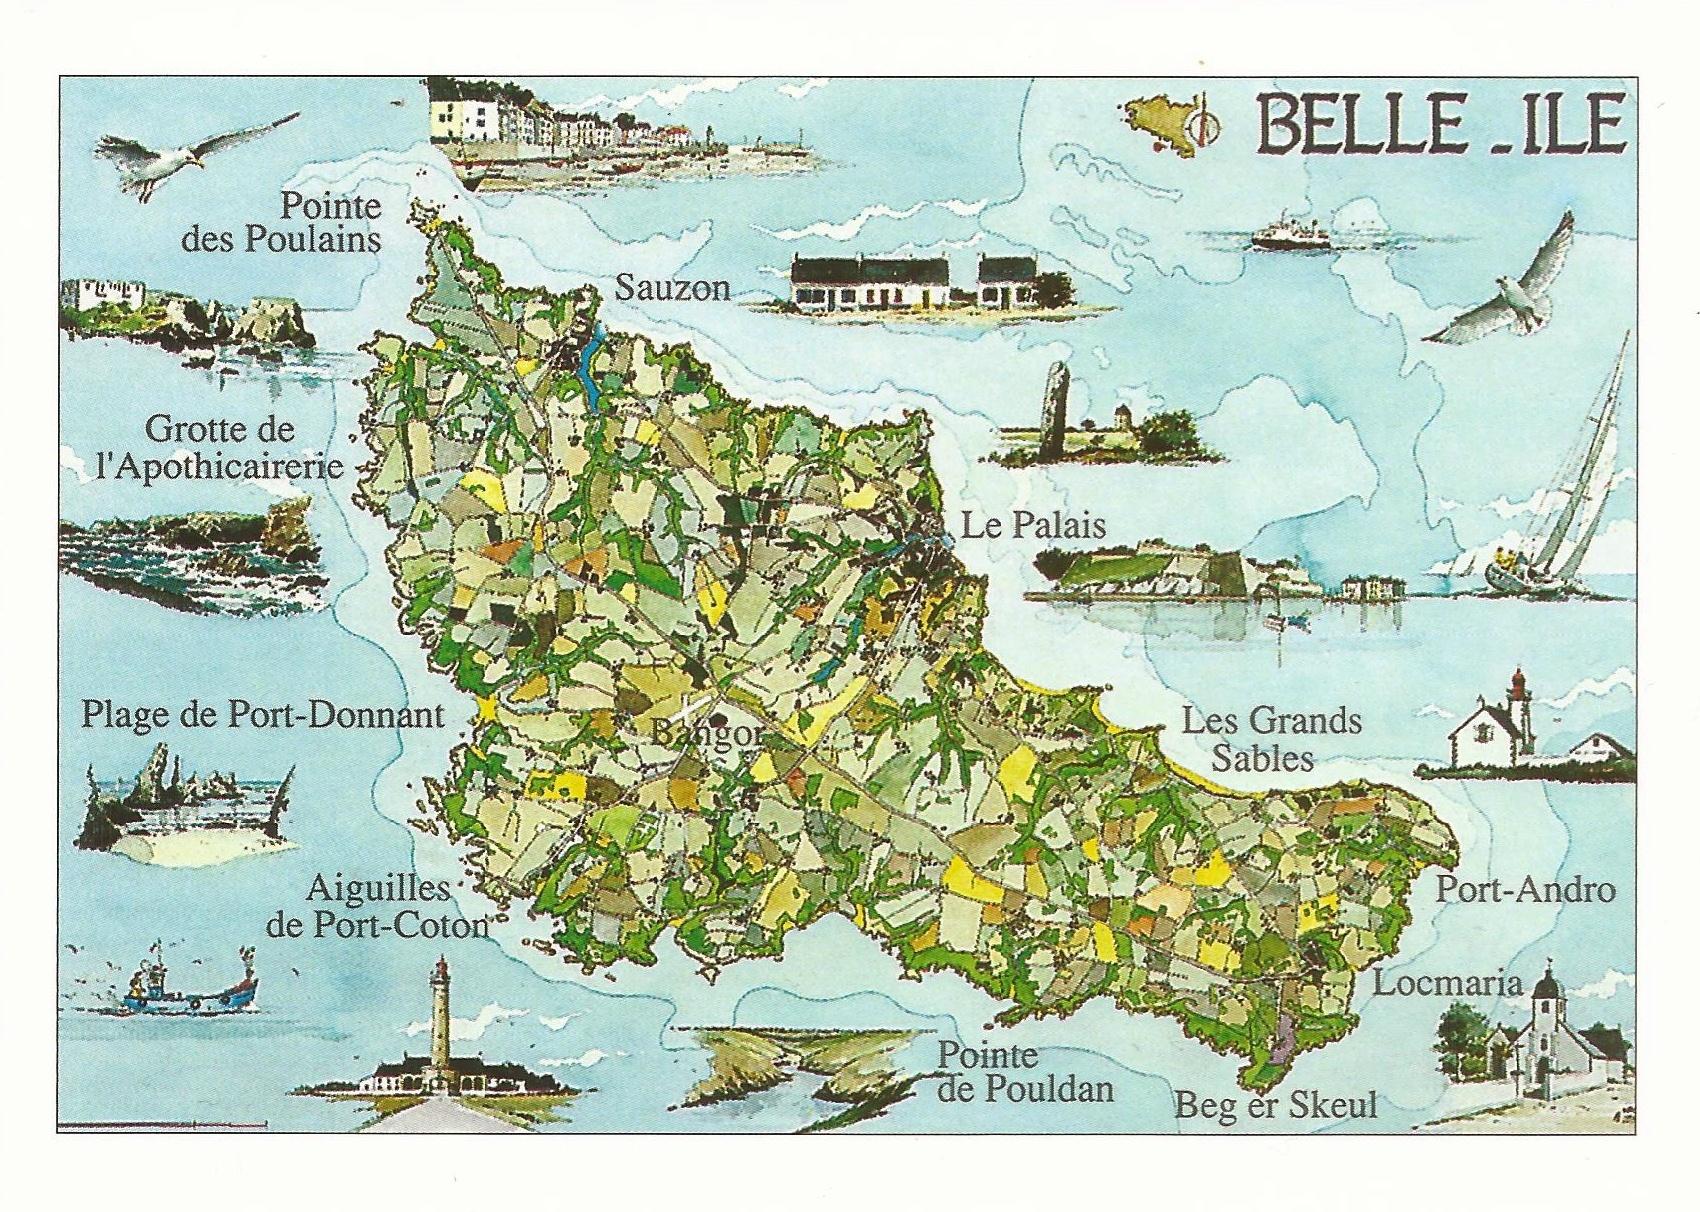 Sarah Bernhardt Pointe des Poulains Belle-île-en-Mer Bretagne week-end amoureux blog maman blog famille recomposée manger proprement blog les petits ruisseaux font les grandes rivieres blog PRGR http://prgr.fr